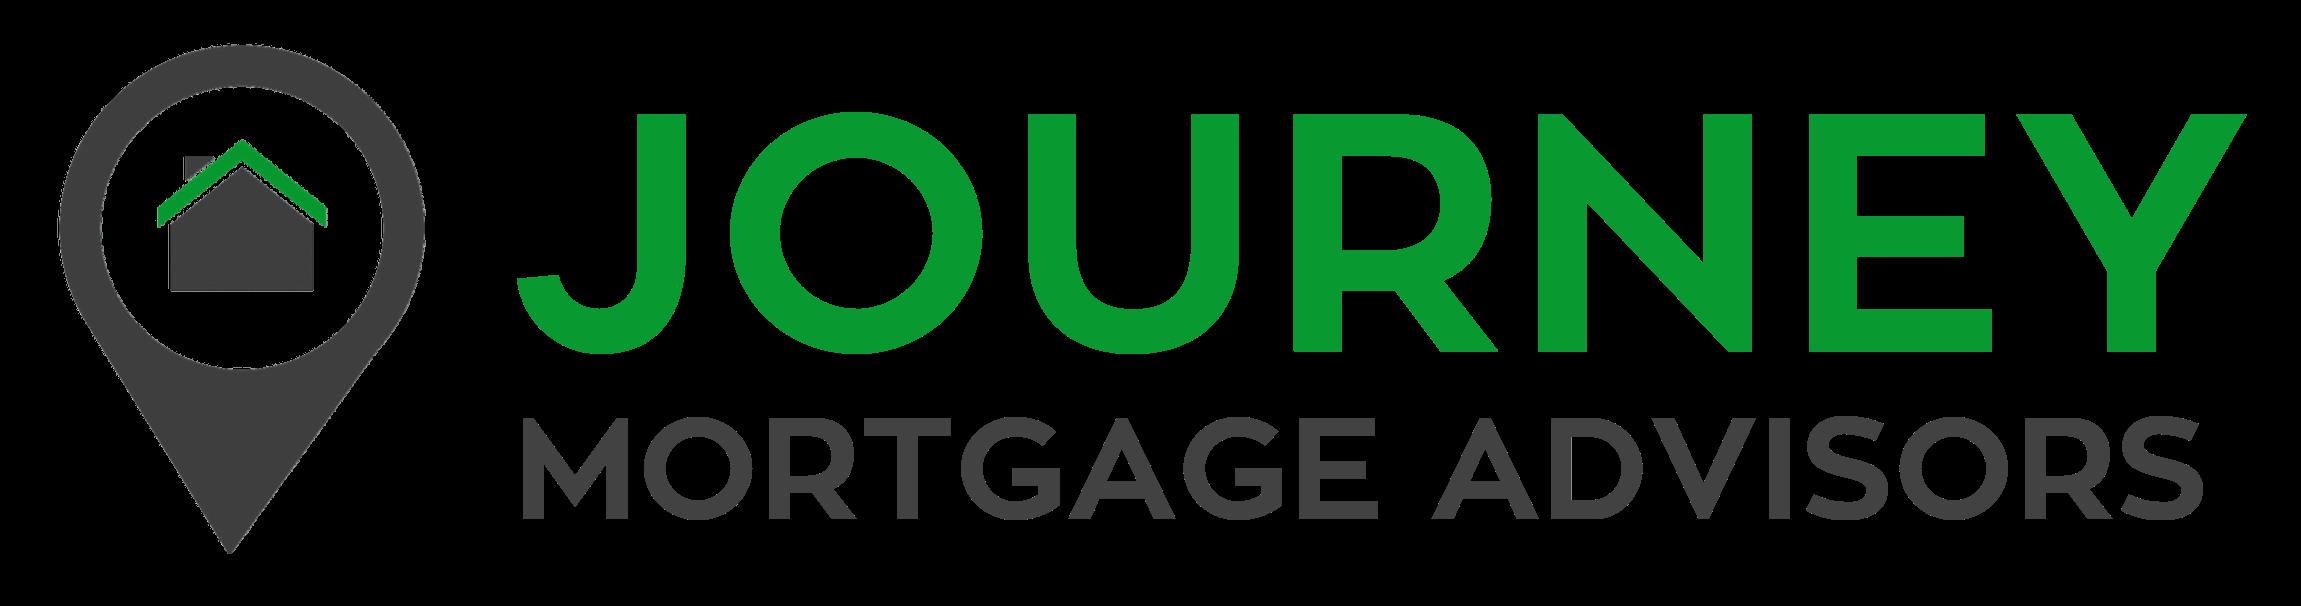 Usda Home Loans >> Usda Loans South Pasadena Home Loans Refinance Journey